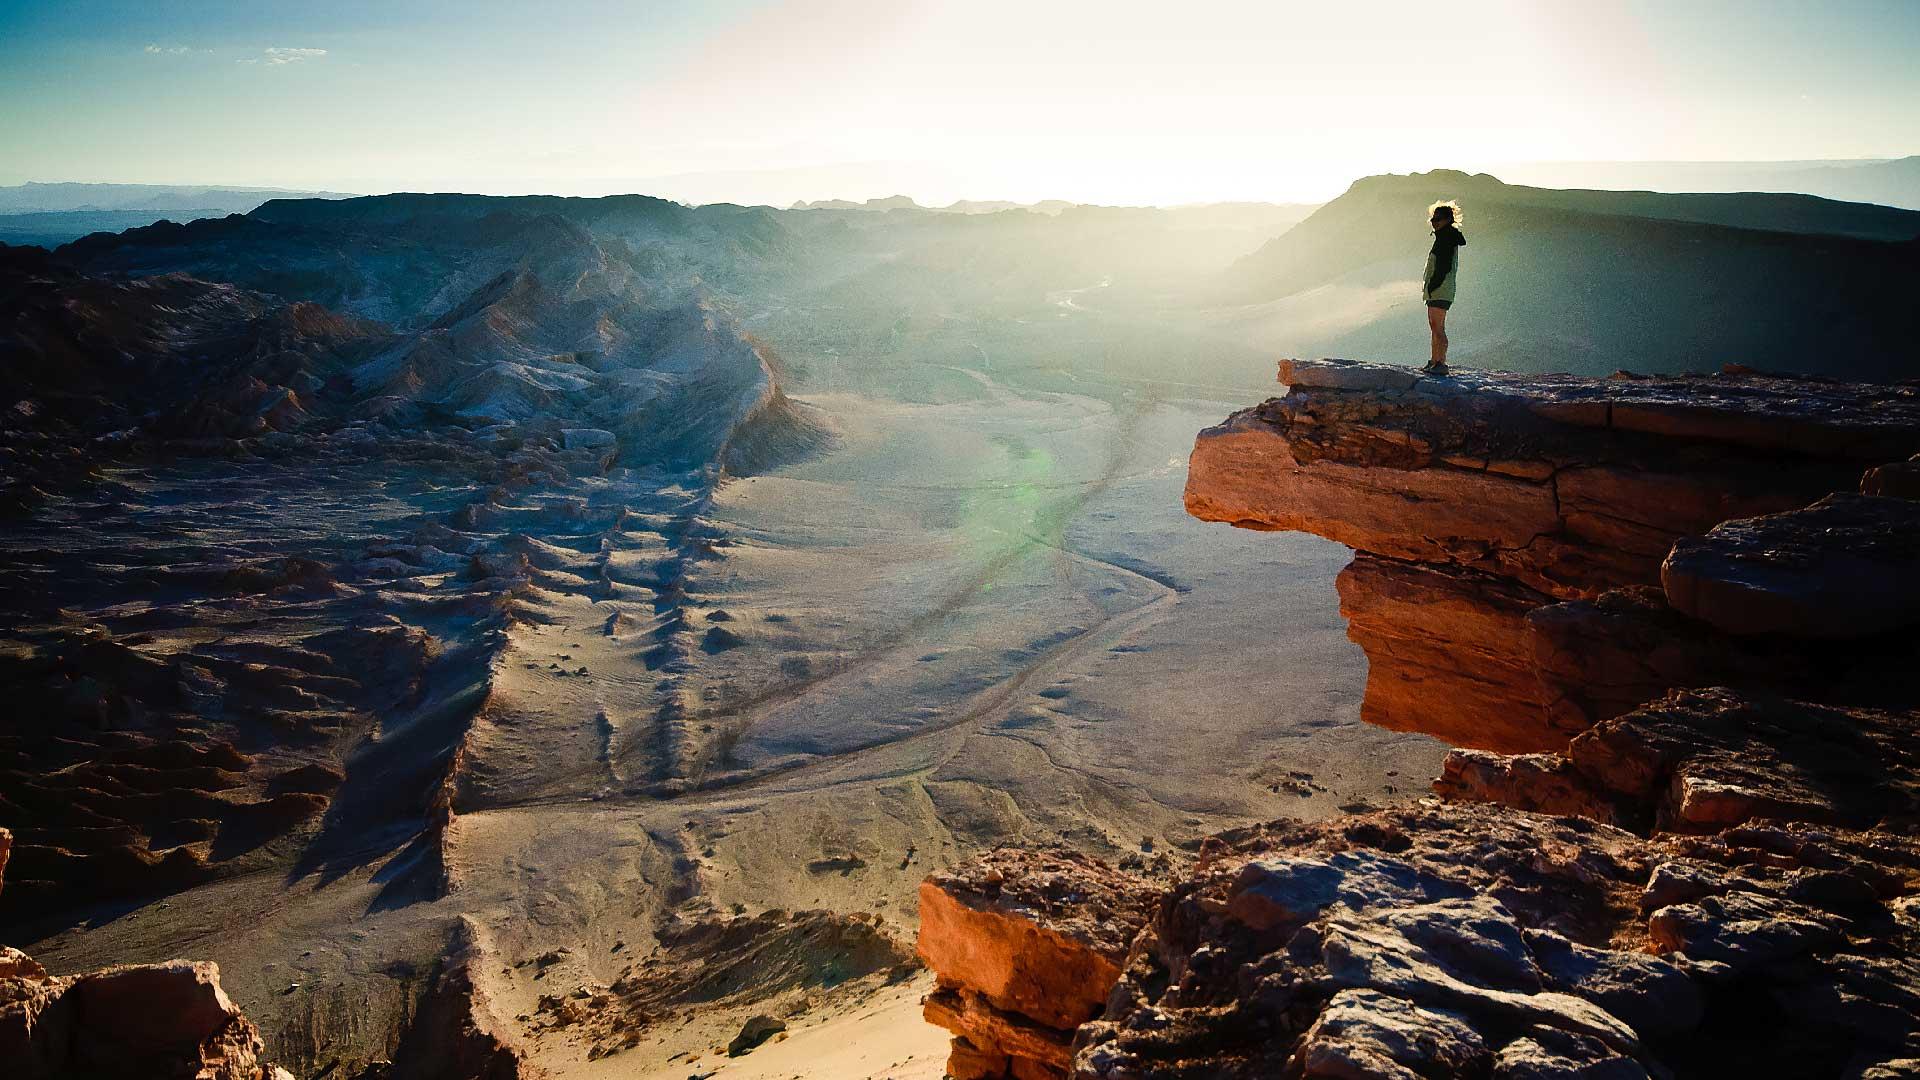 San_Pedro_de_Atacama_Valle_de_la_Lunaweb